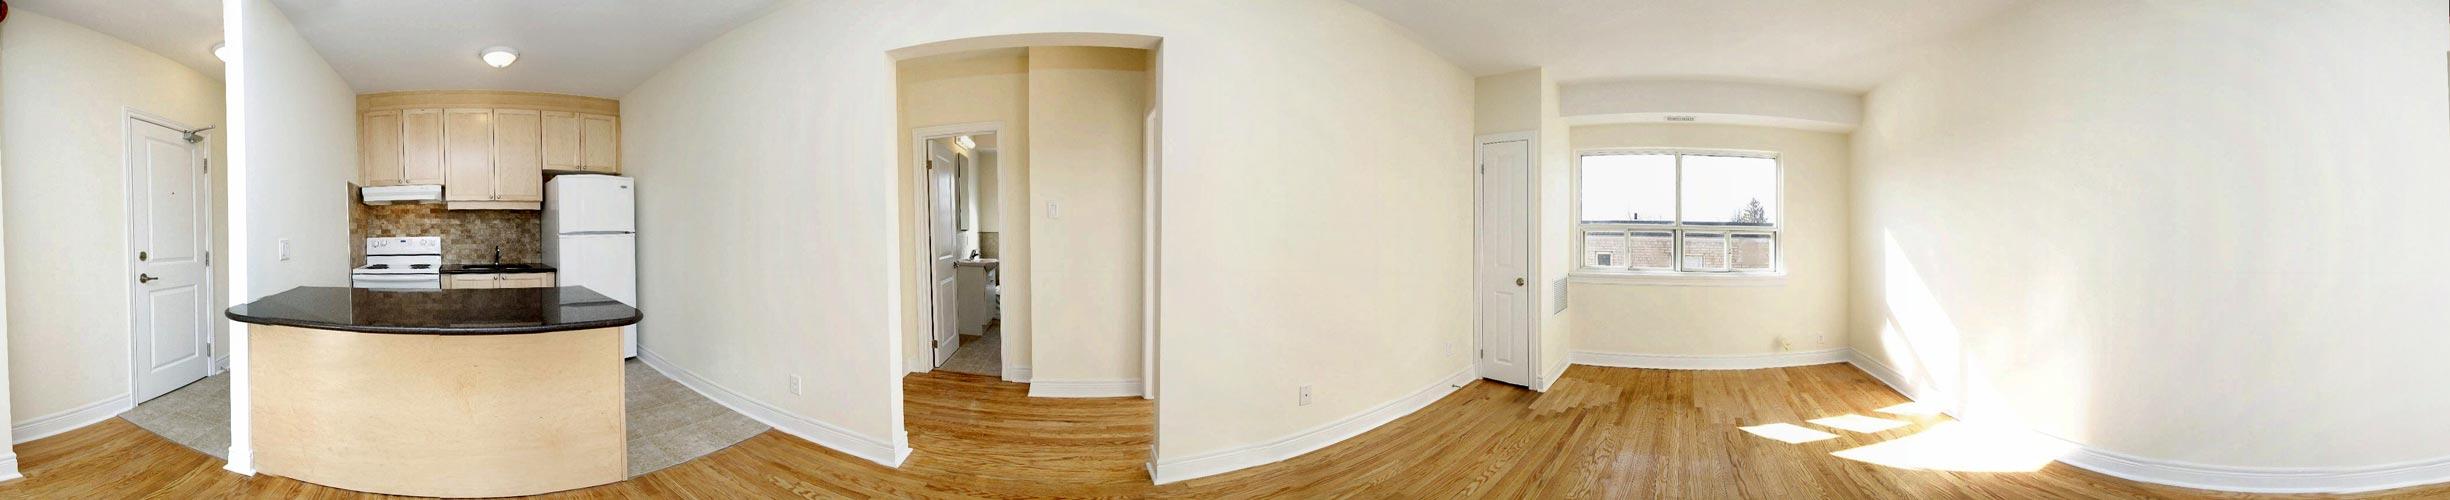 2-bdrm-living-room